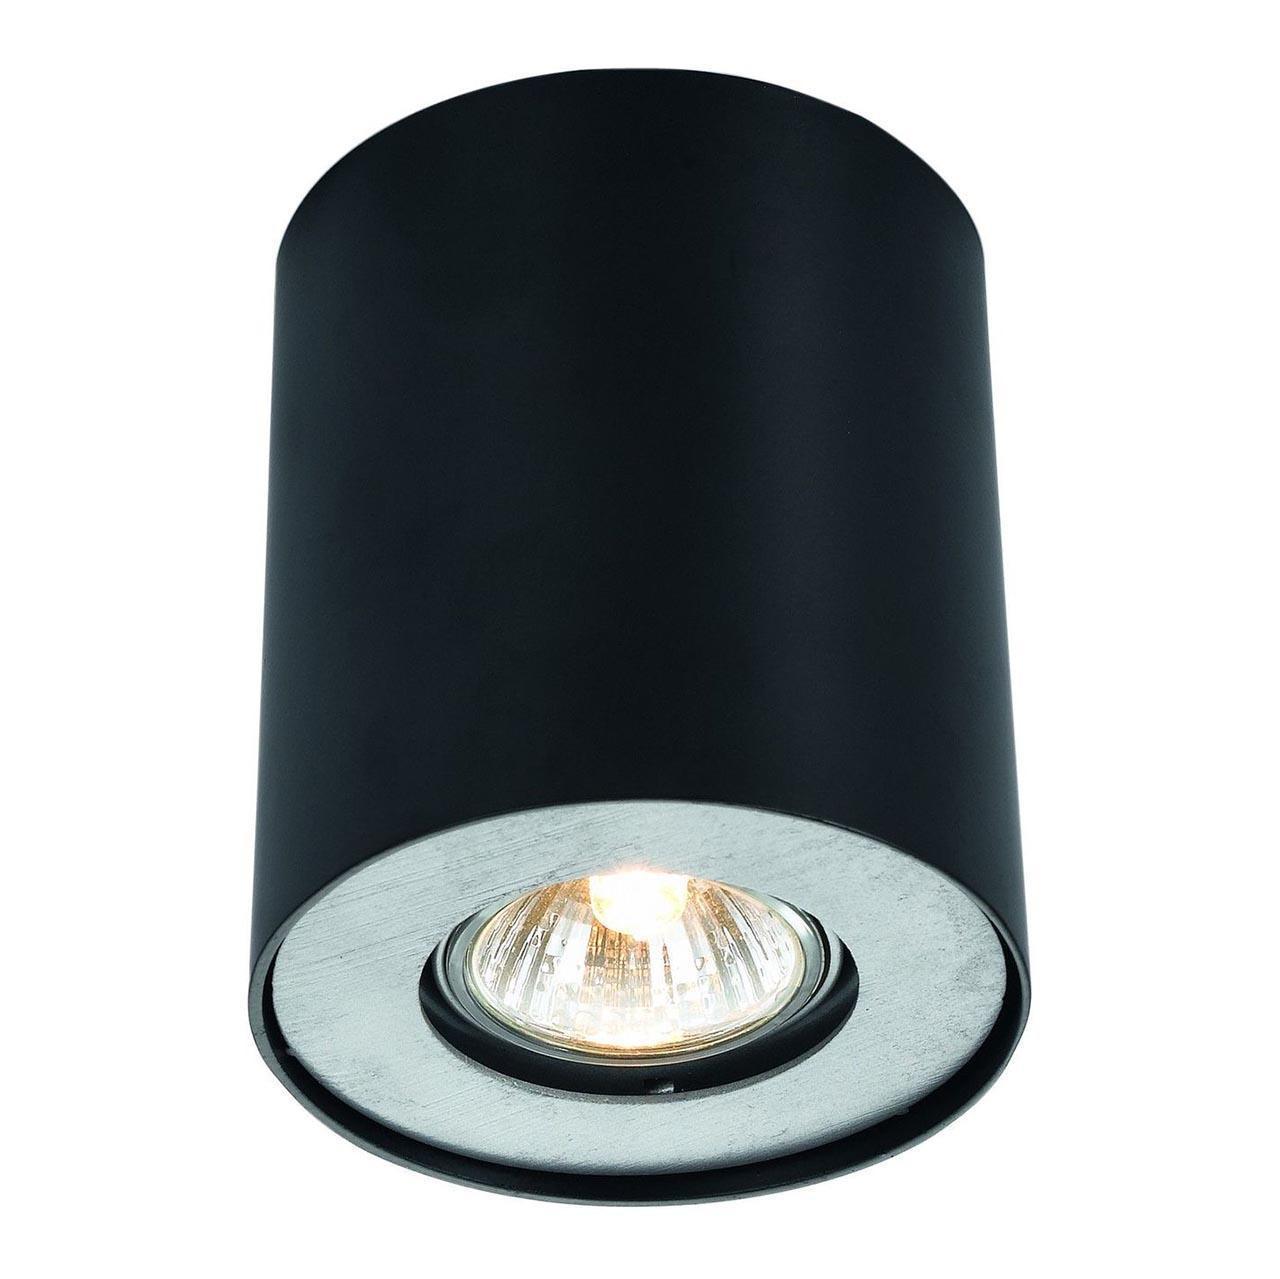 Потолочный светильник Arte Lamp A5633PL-1BK, черный потолочный светильник arte lamp cardani a5936pl 1bk